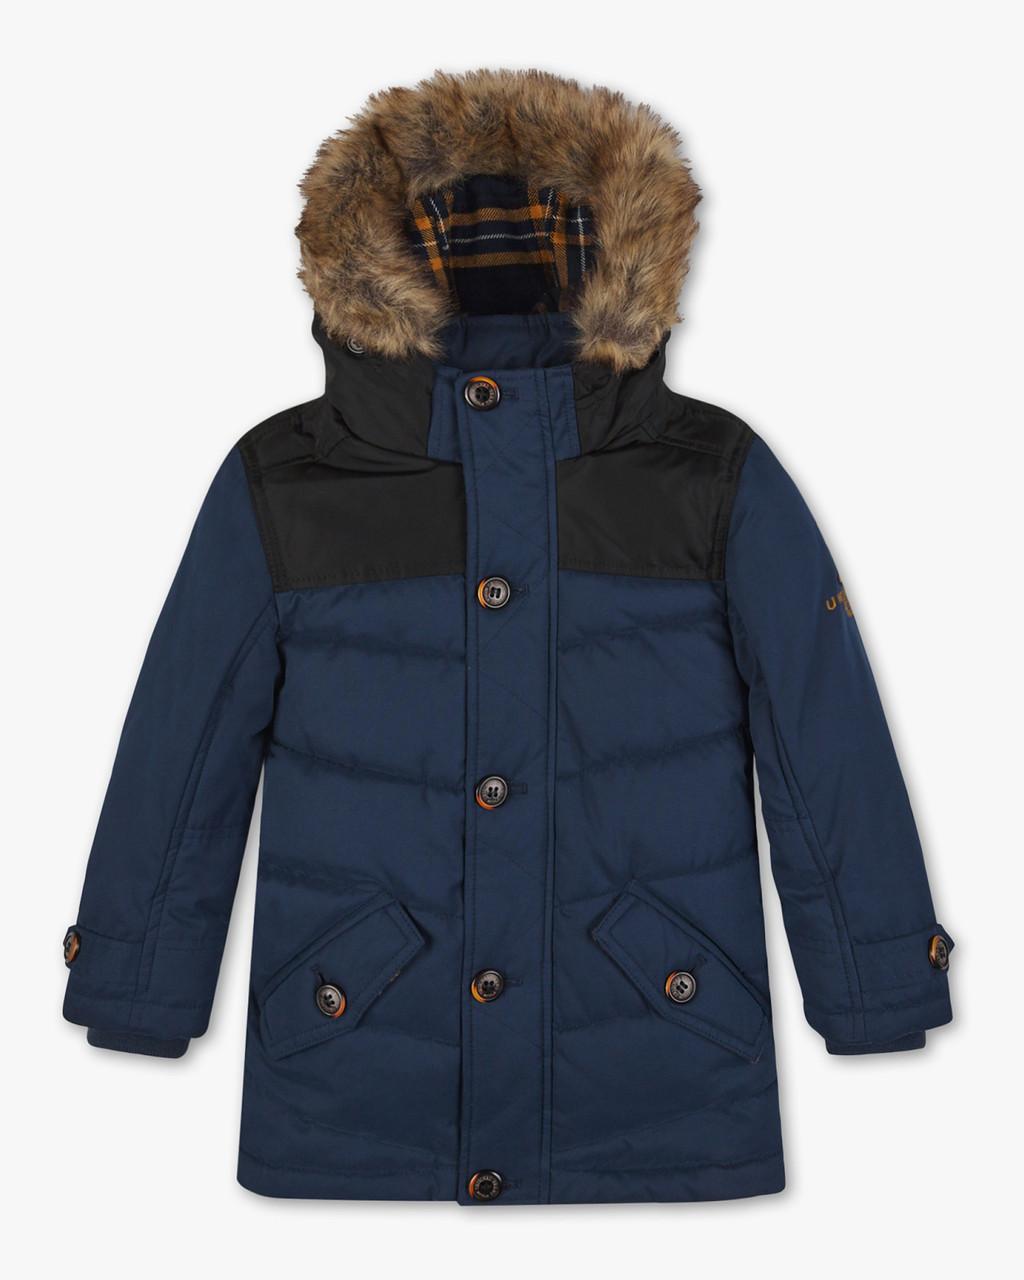 Теплая зимняя куртка для мальчика C&A Германия Размер 110